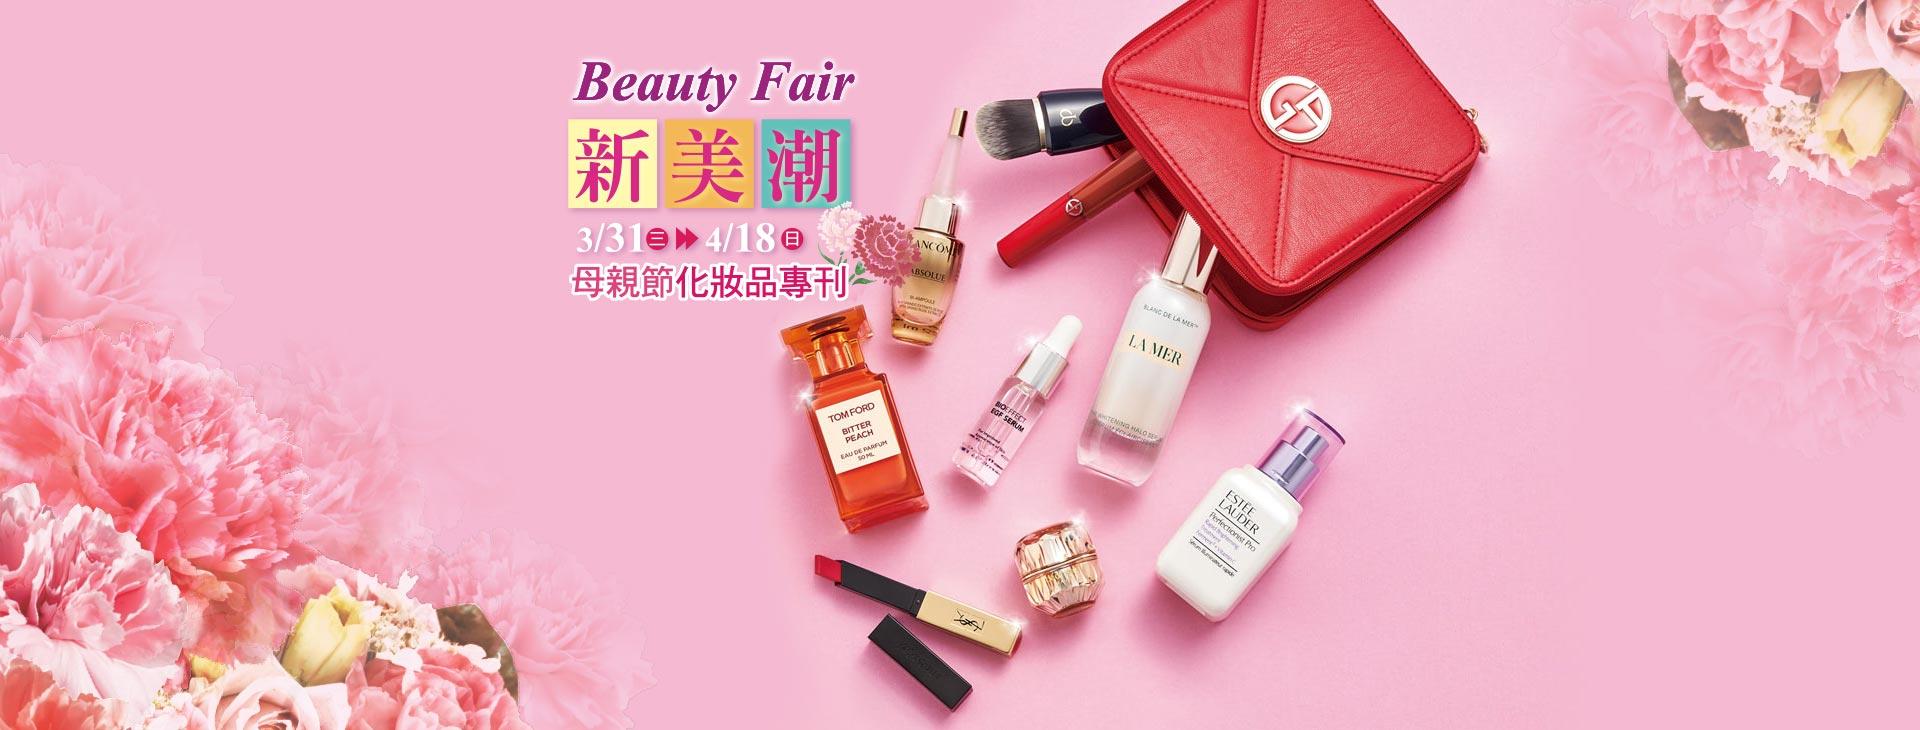 Beauty Fair 新美潮 母親節化妝品專刊